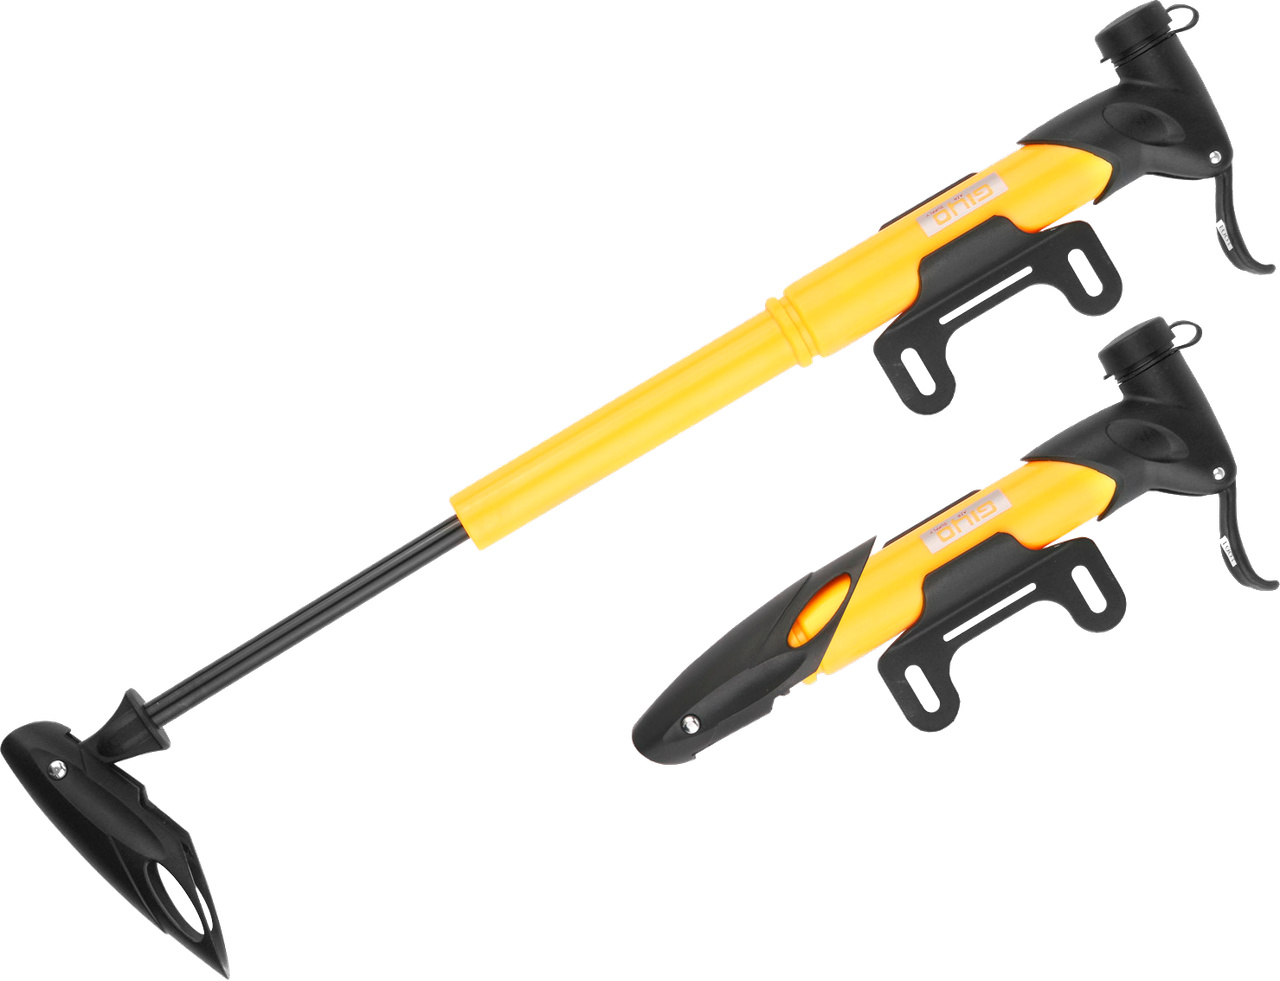 Насос міні GIYO GP-77 Pl AV/FV (80psi) T-ручка (жовтий)